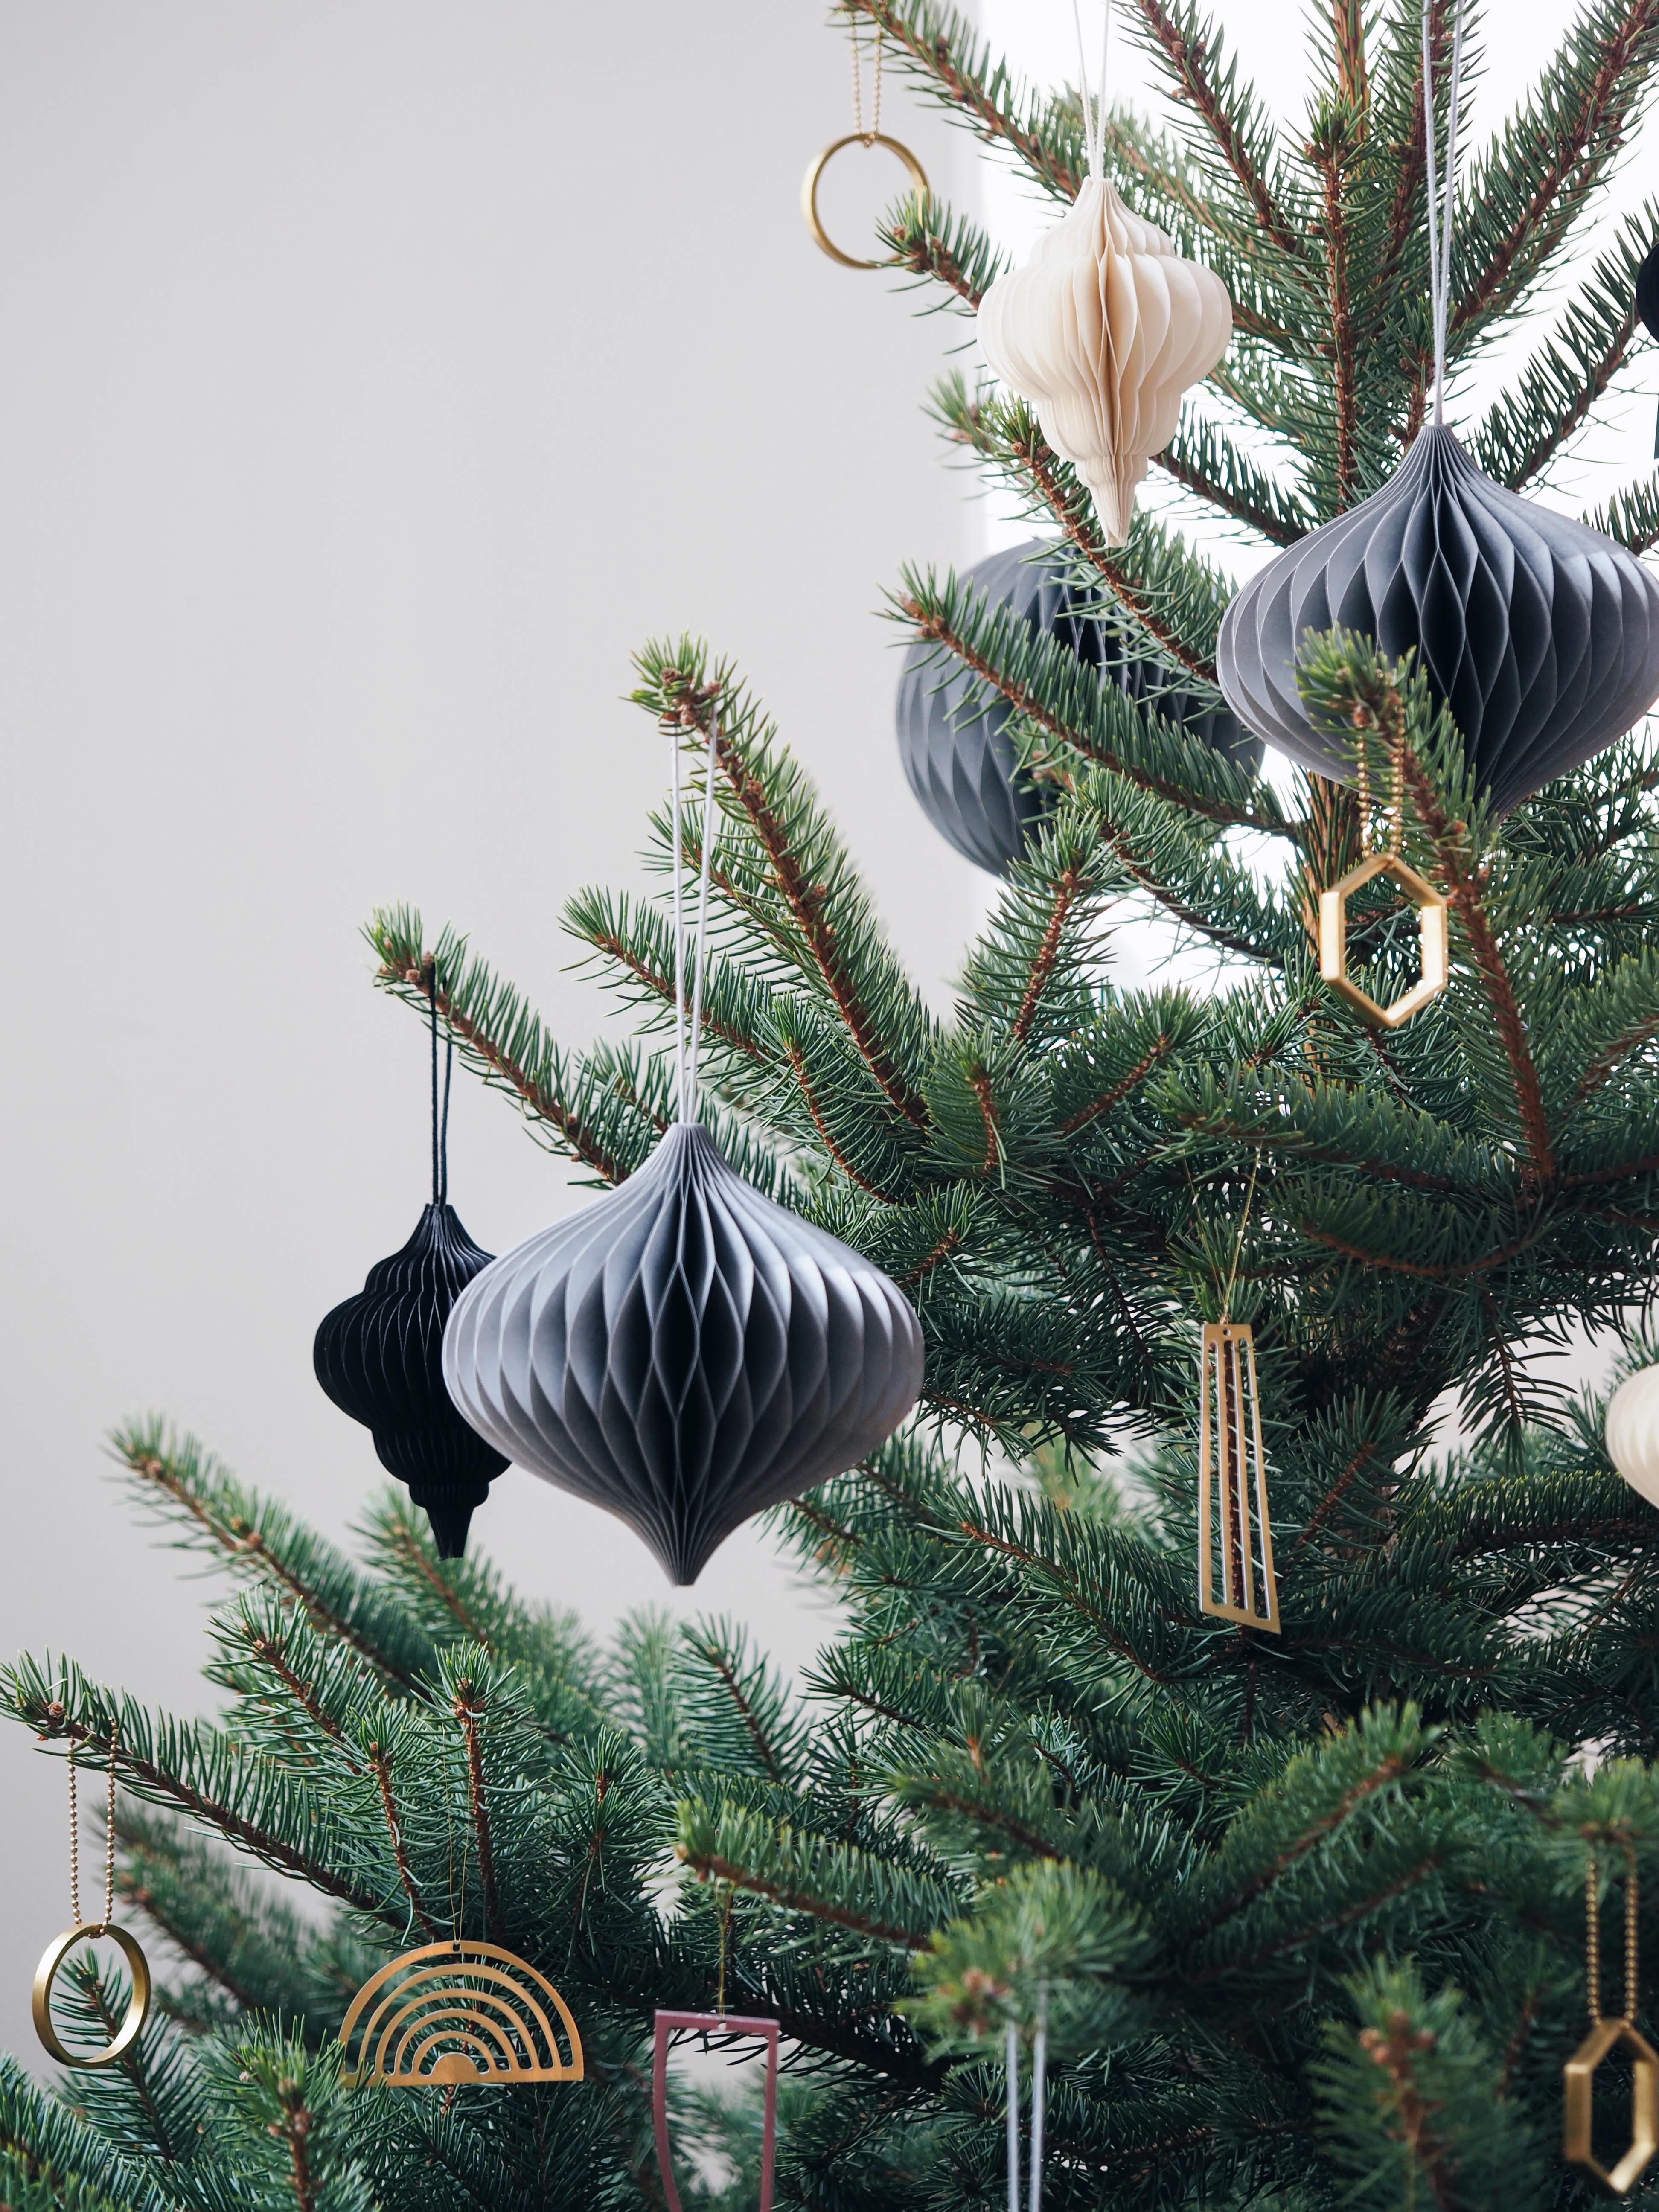 Weihnachtsbaumschmuck Weiß, Messing, Papieranhänger